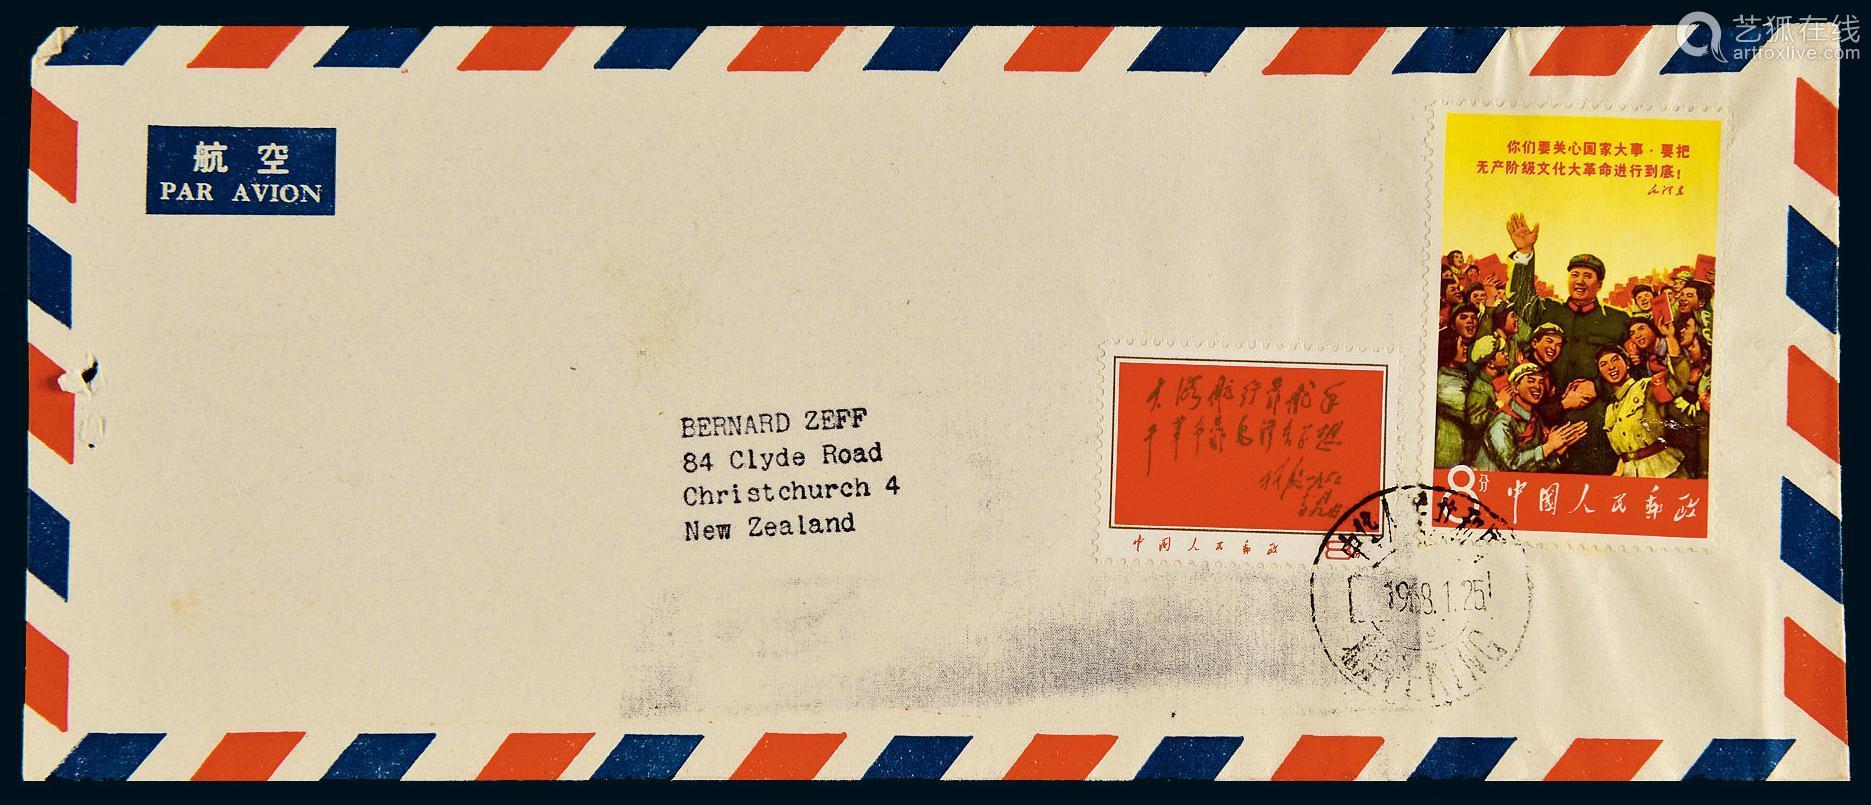 1968年北京寄新西兰文革航空封